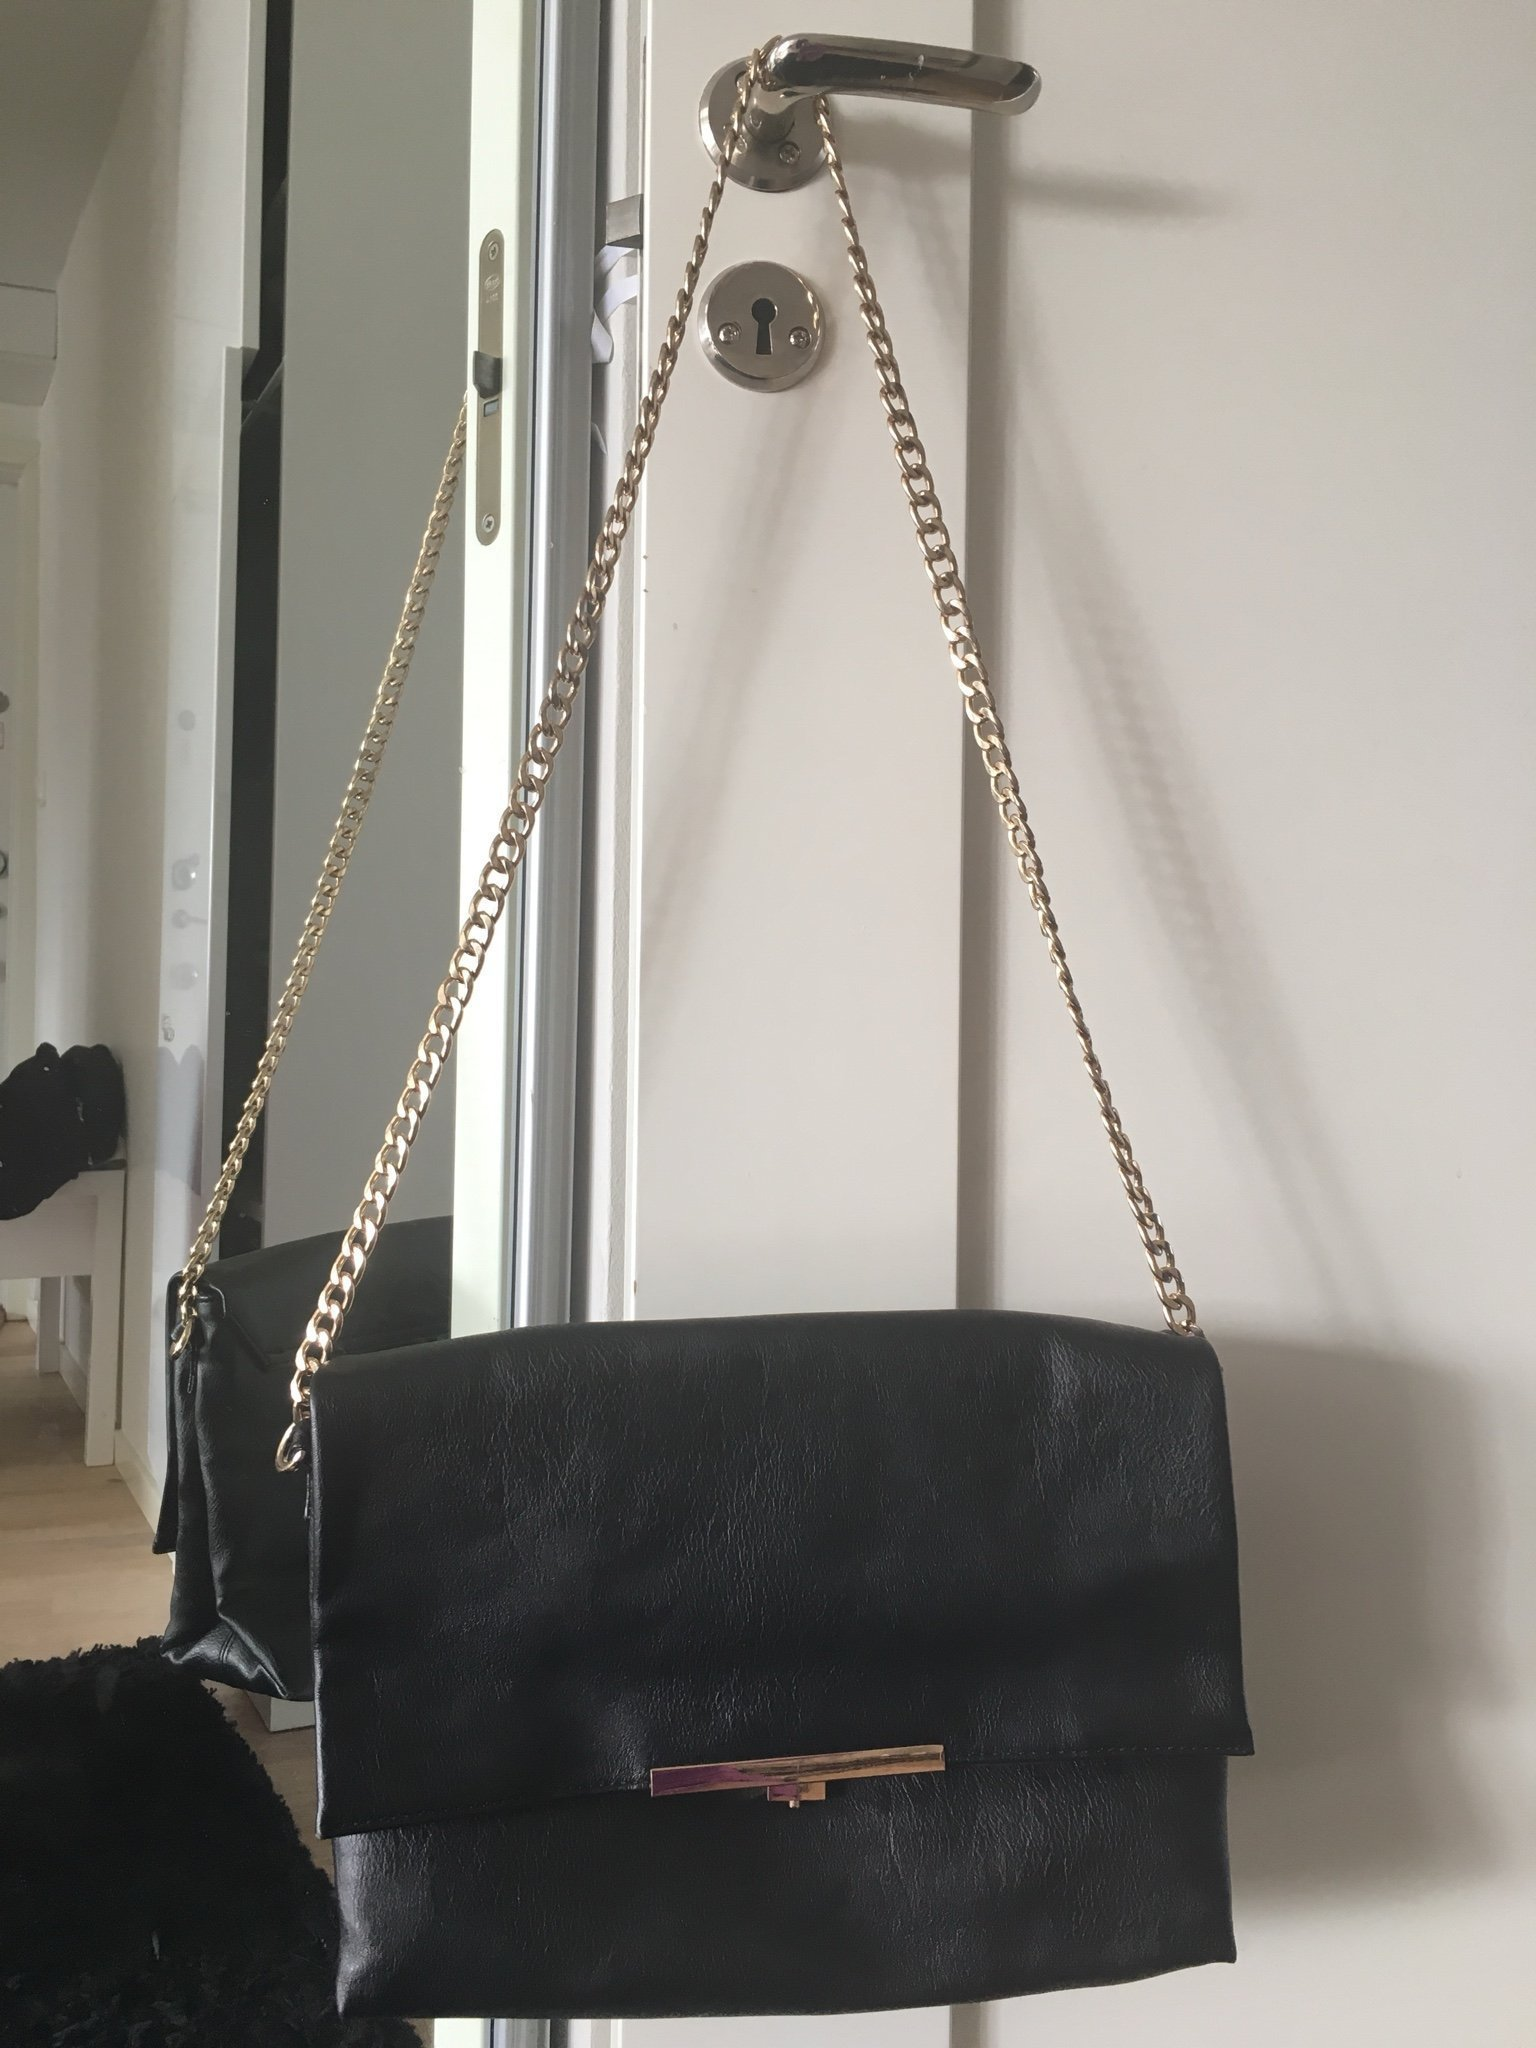 svart handväska med gulddetaljer